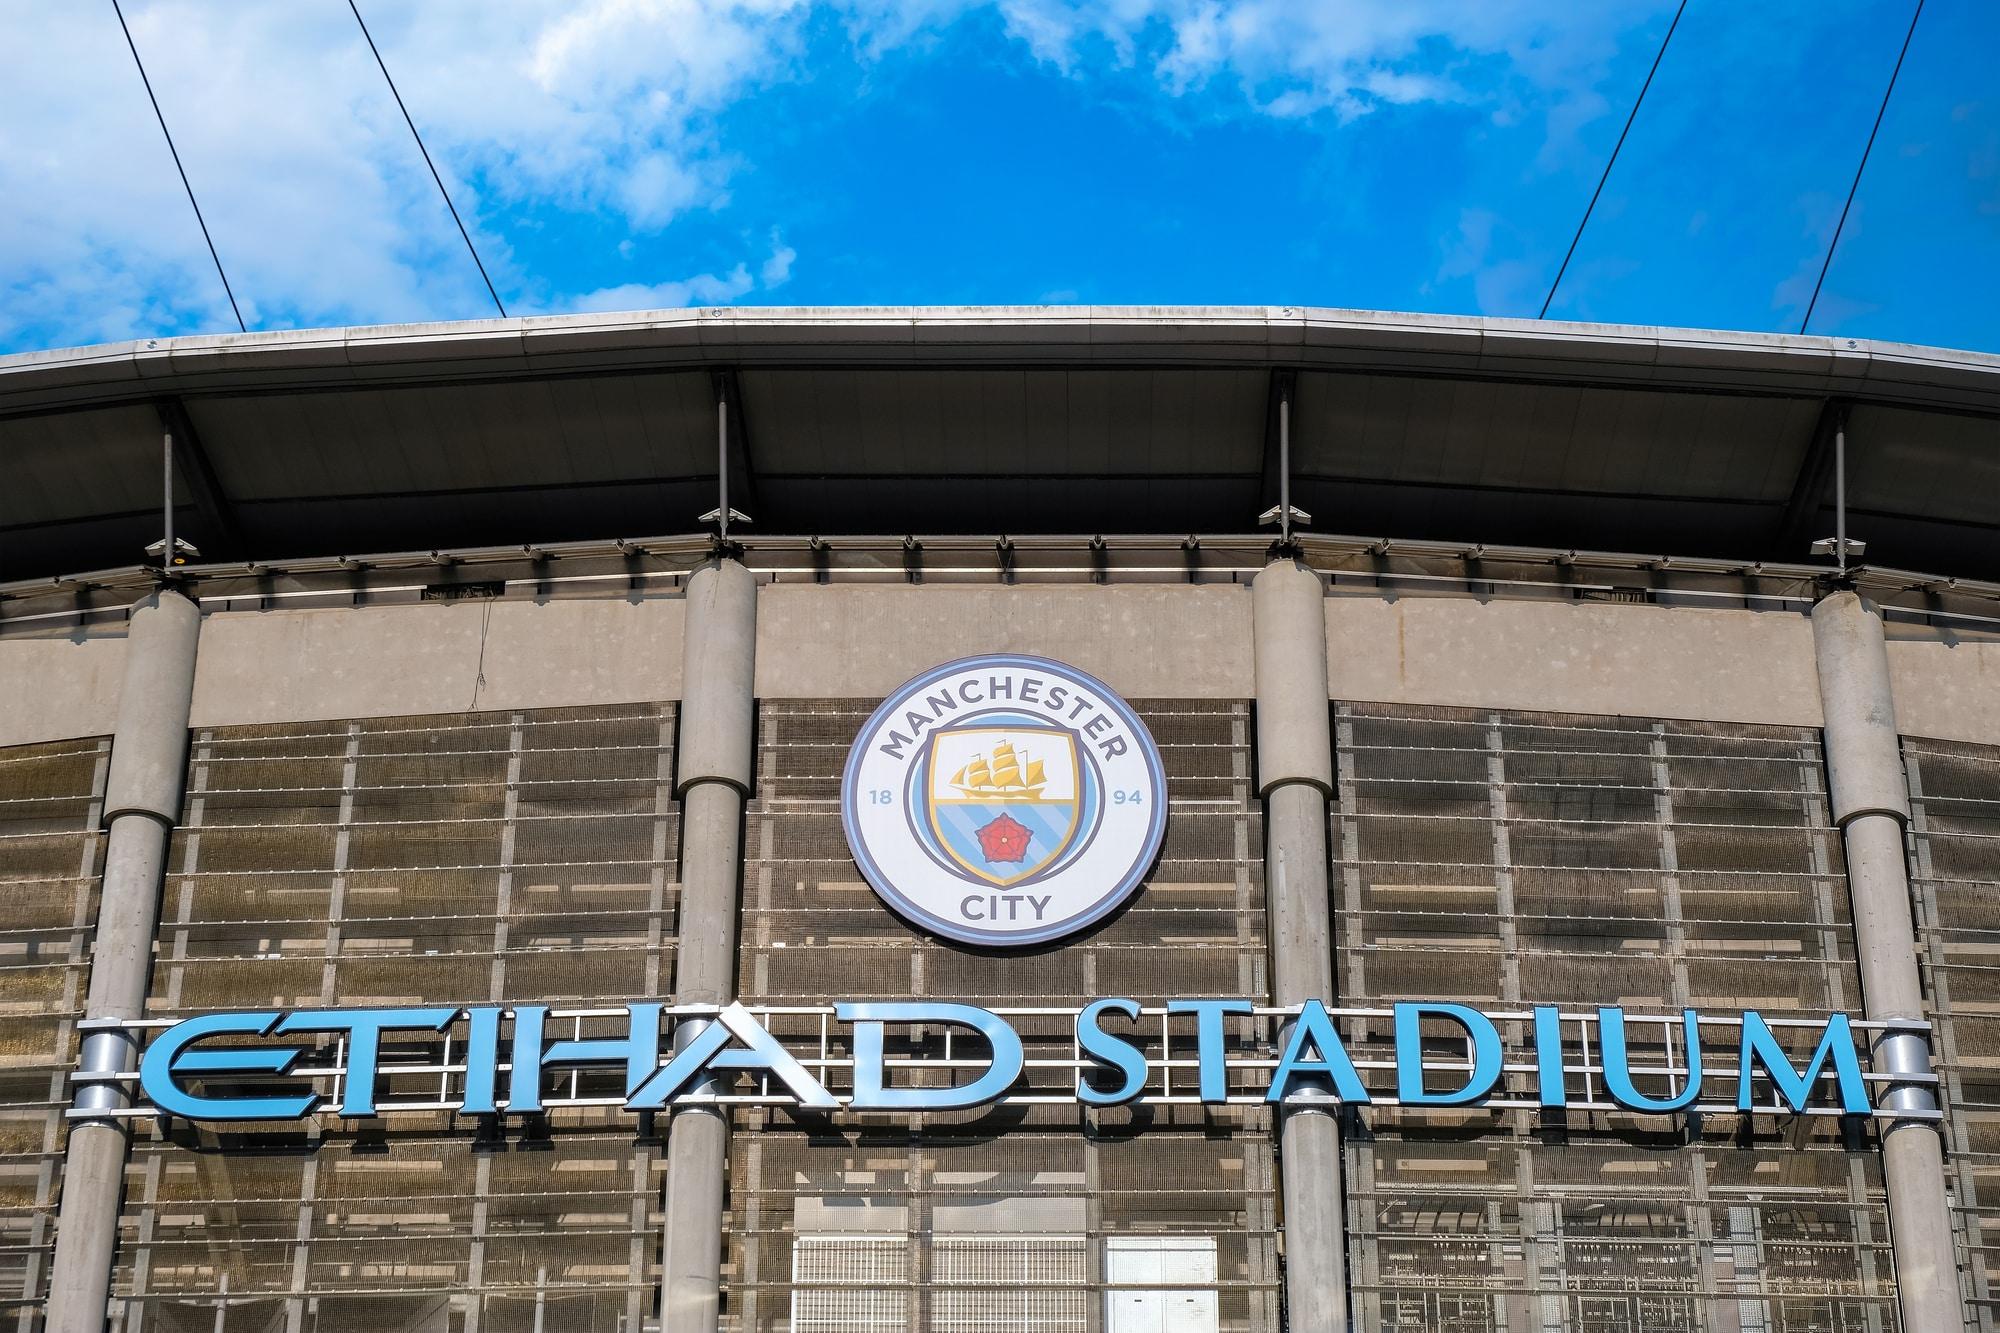 Etihad stadium Manchester City vs West Ham